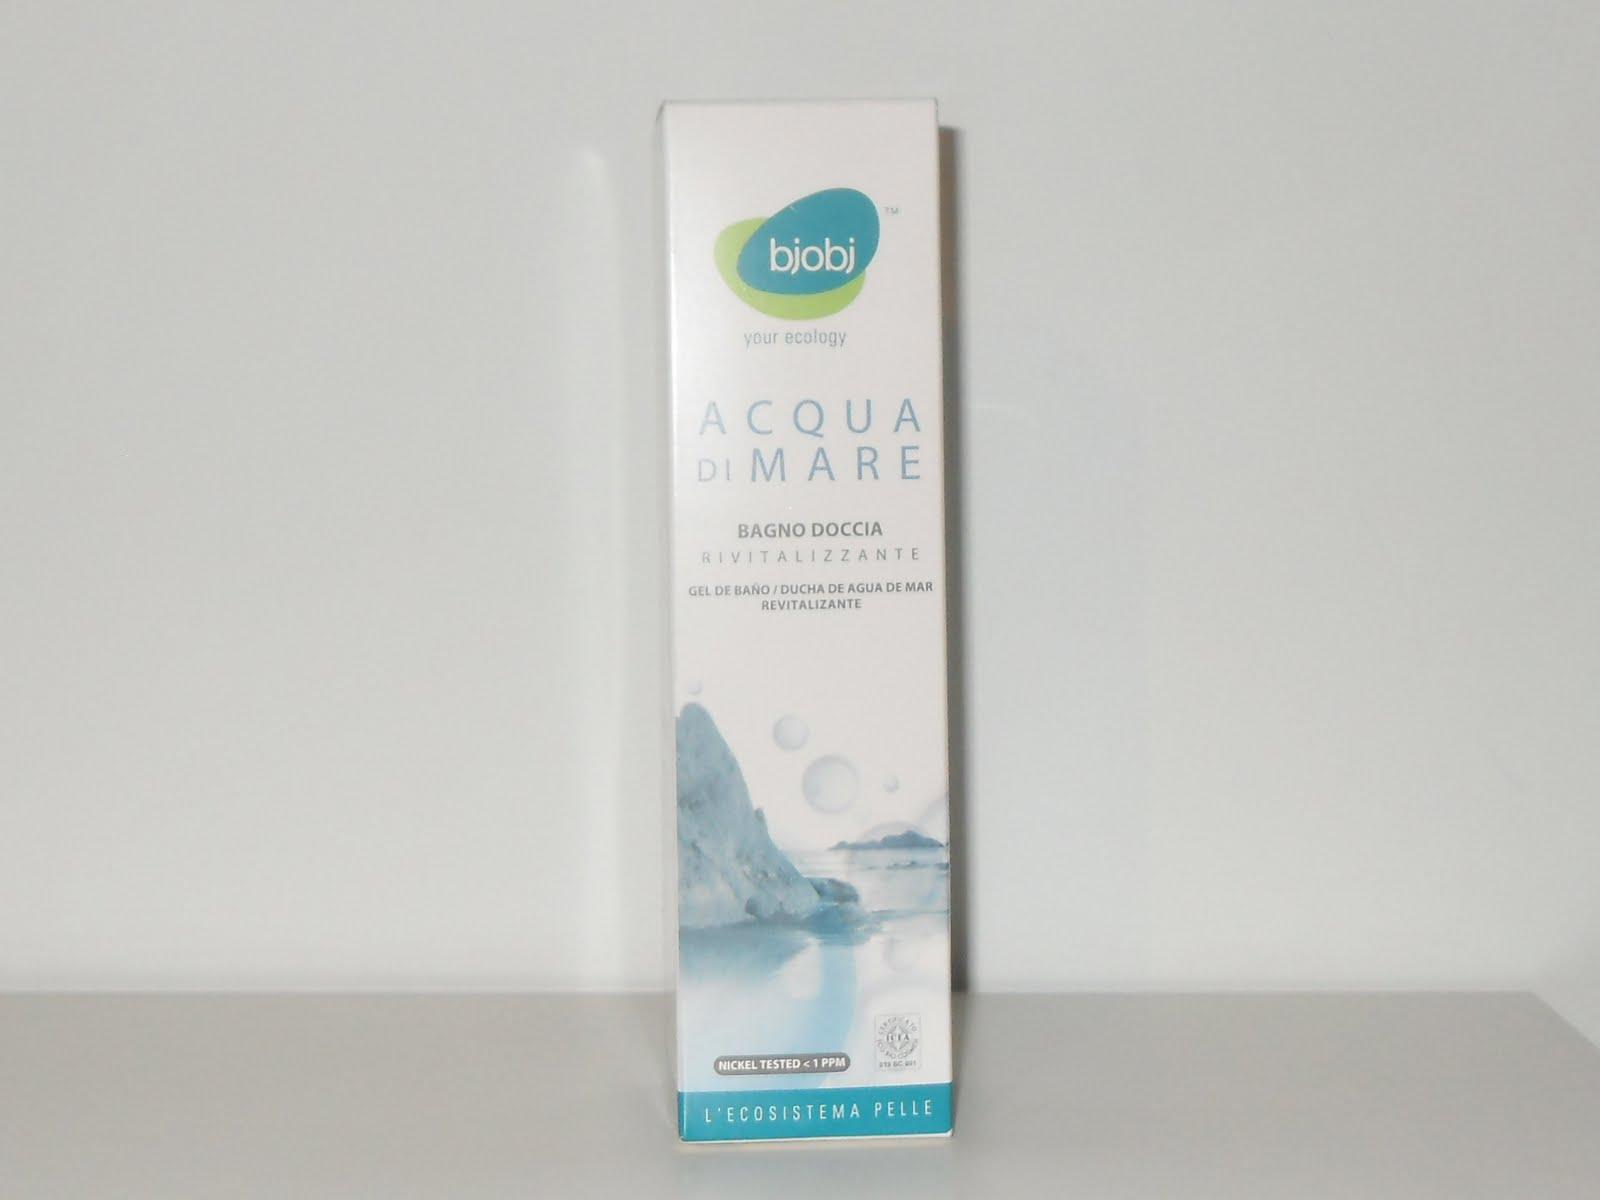 Bagnoschiuma Bio : La vetrina del bio: bagnoschiuma allacqua di mare bjobj